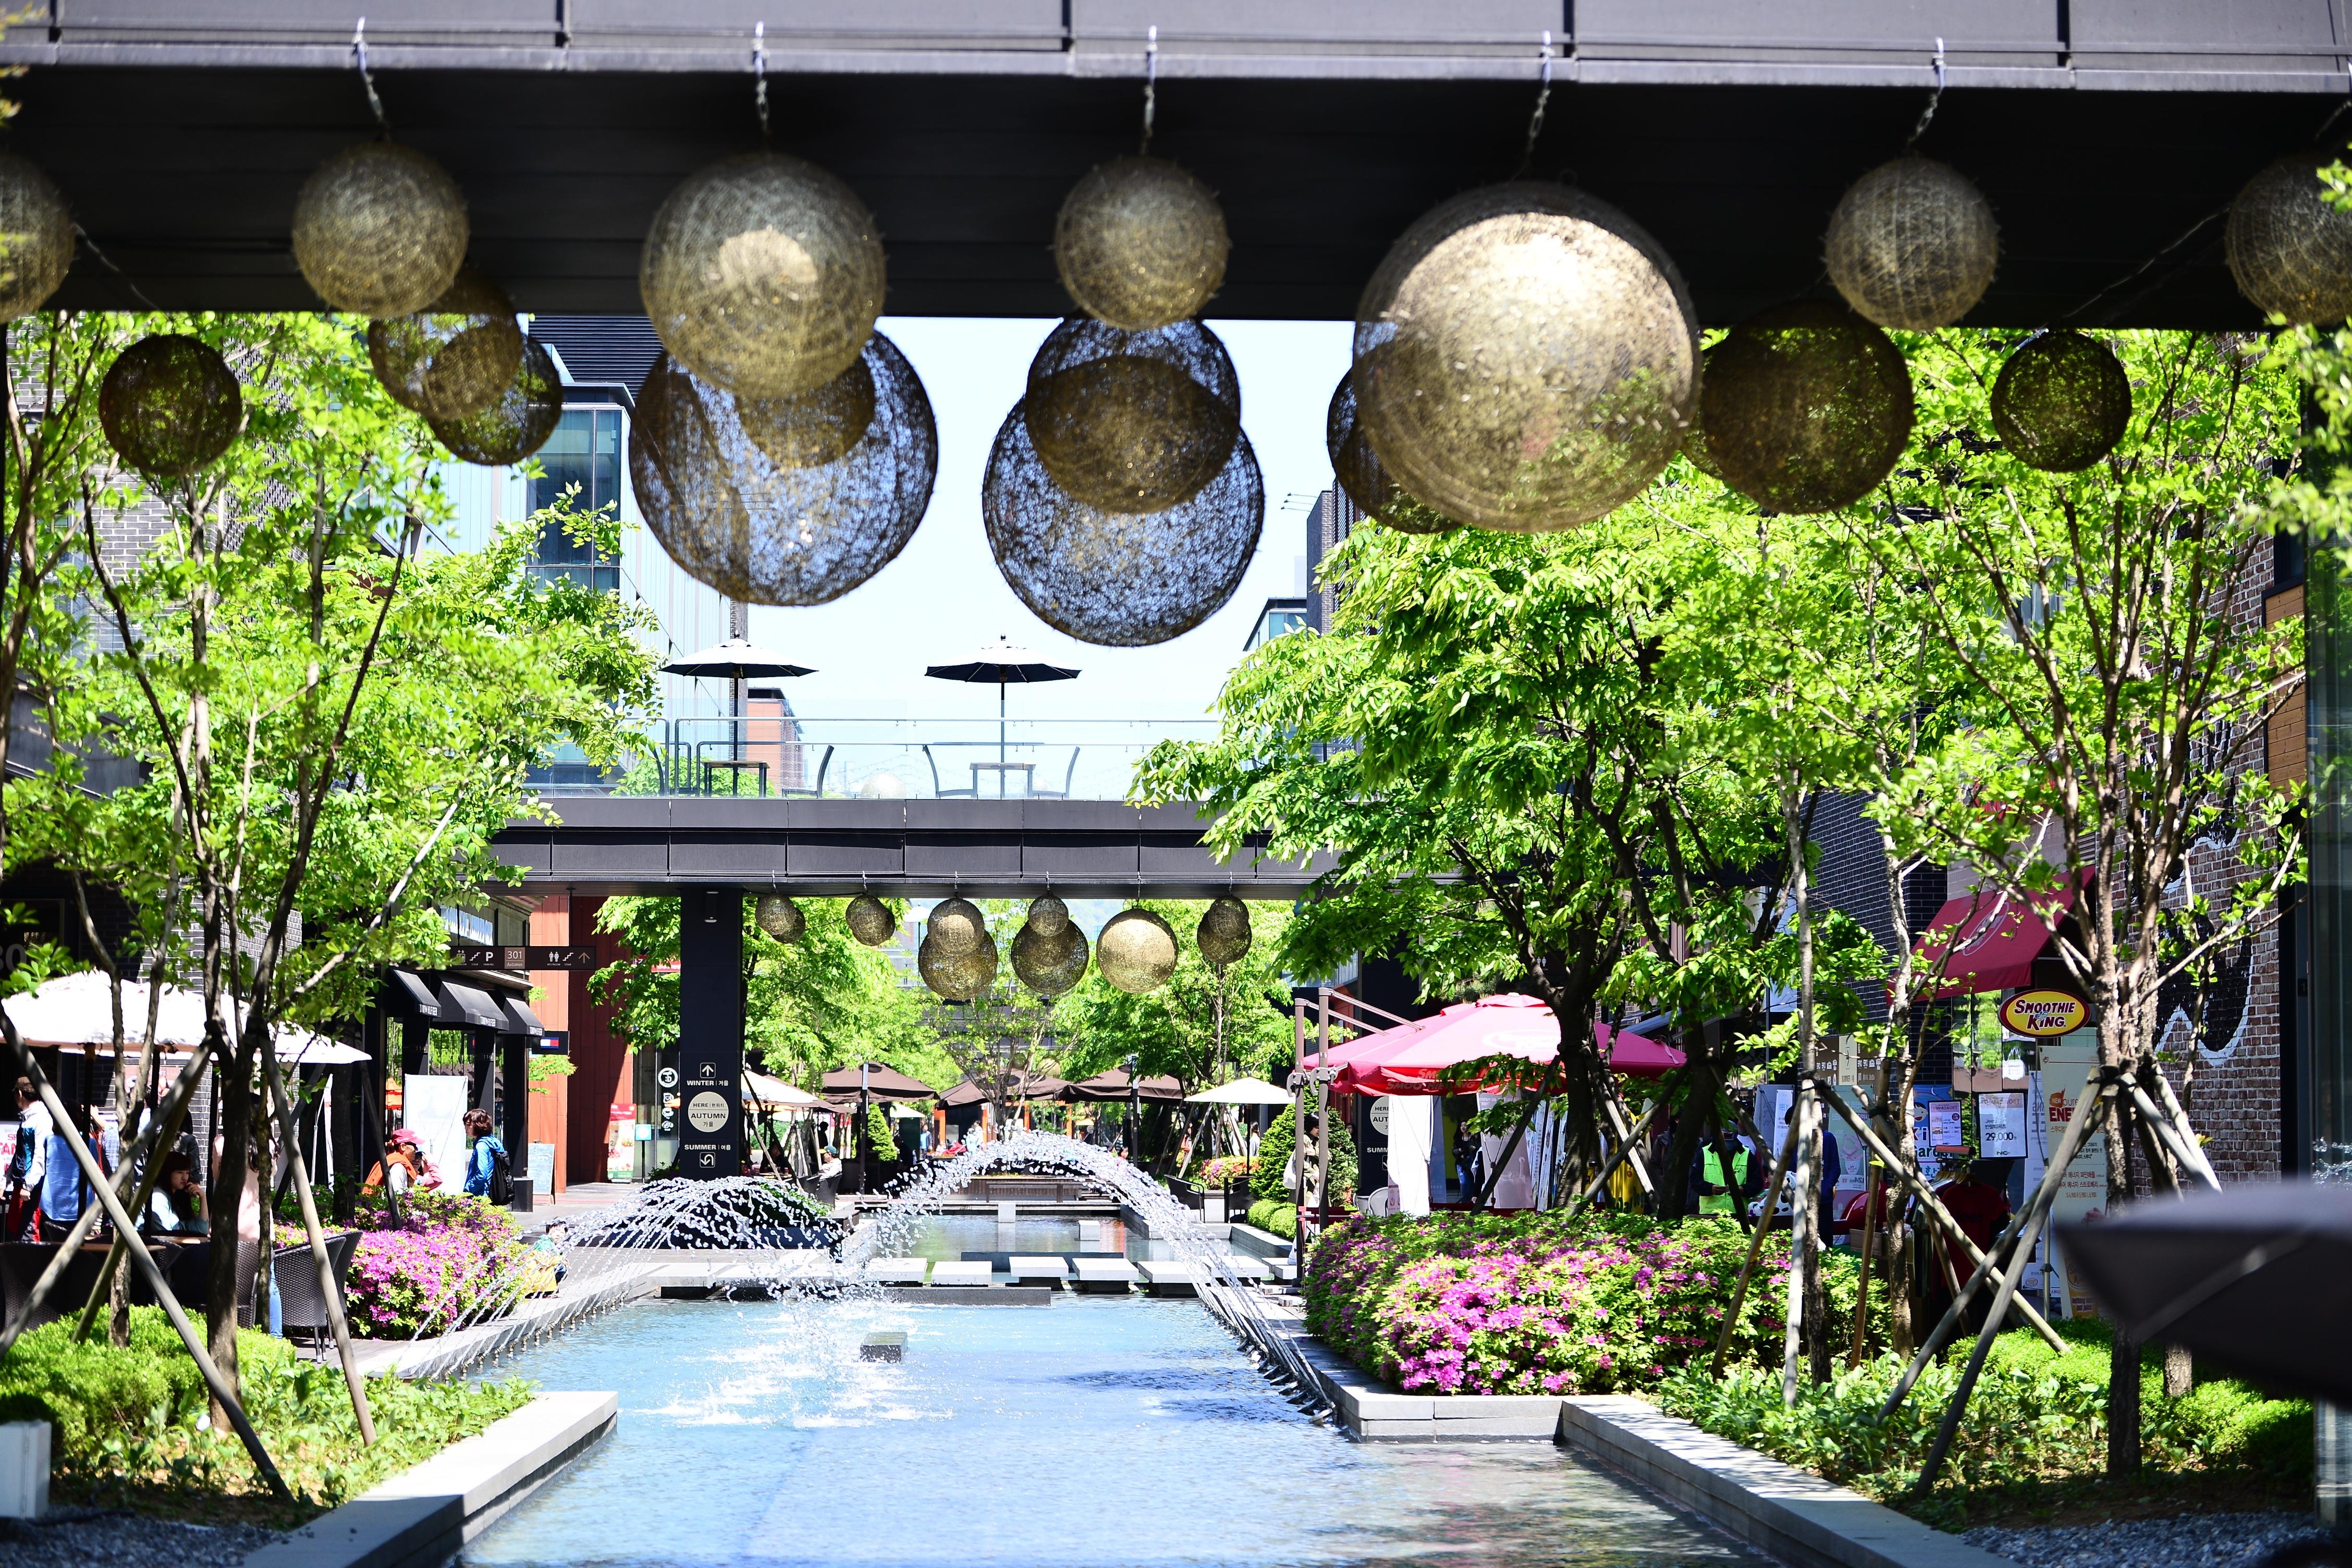 Gratuites paysage eau fleur restaurant ville jardin